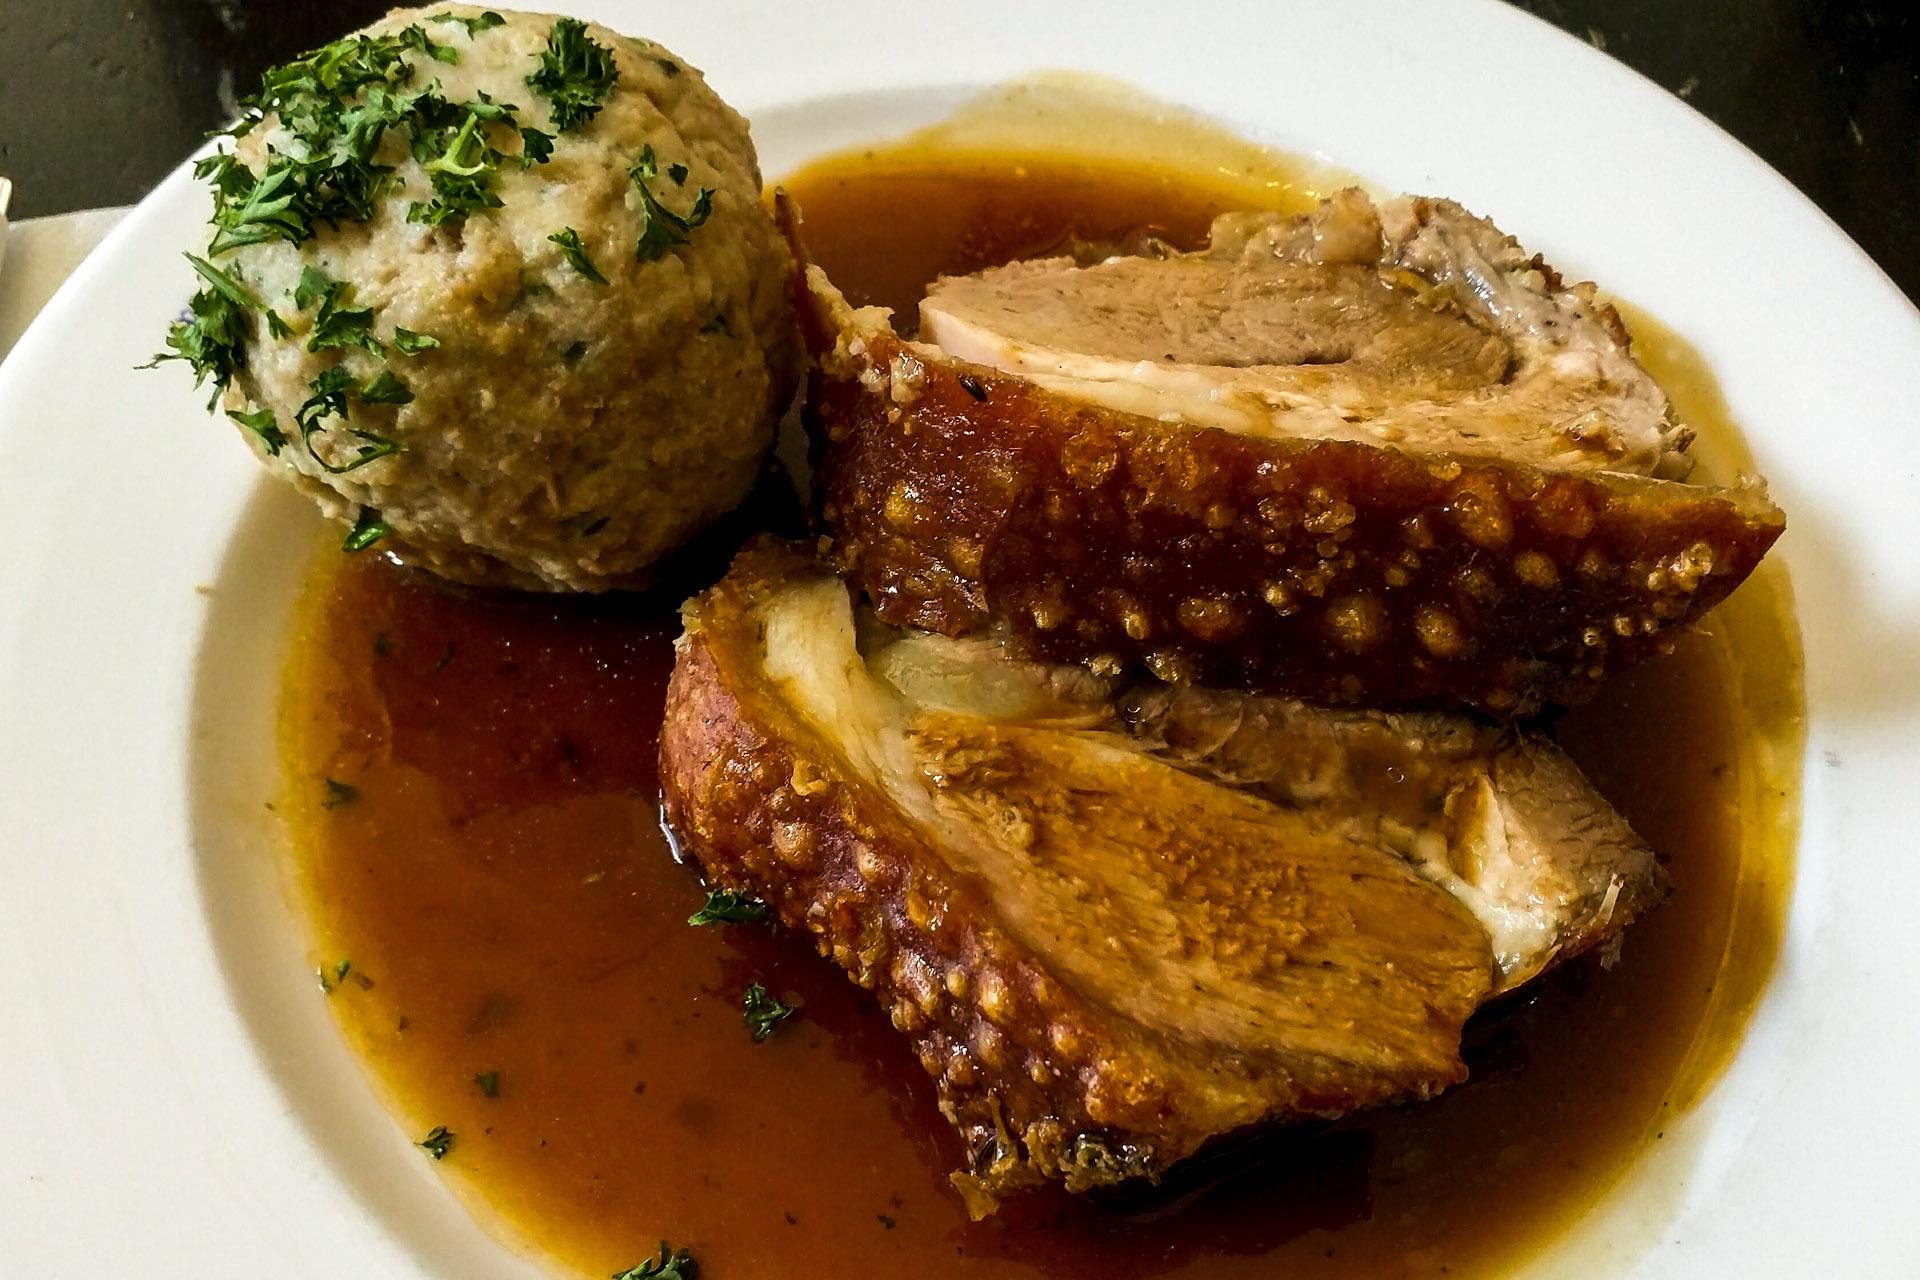 Pork shoulder & knodel (Weisses Bräuhaus)